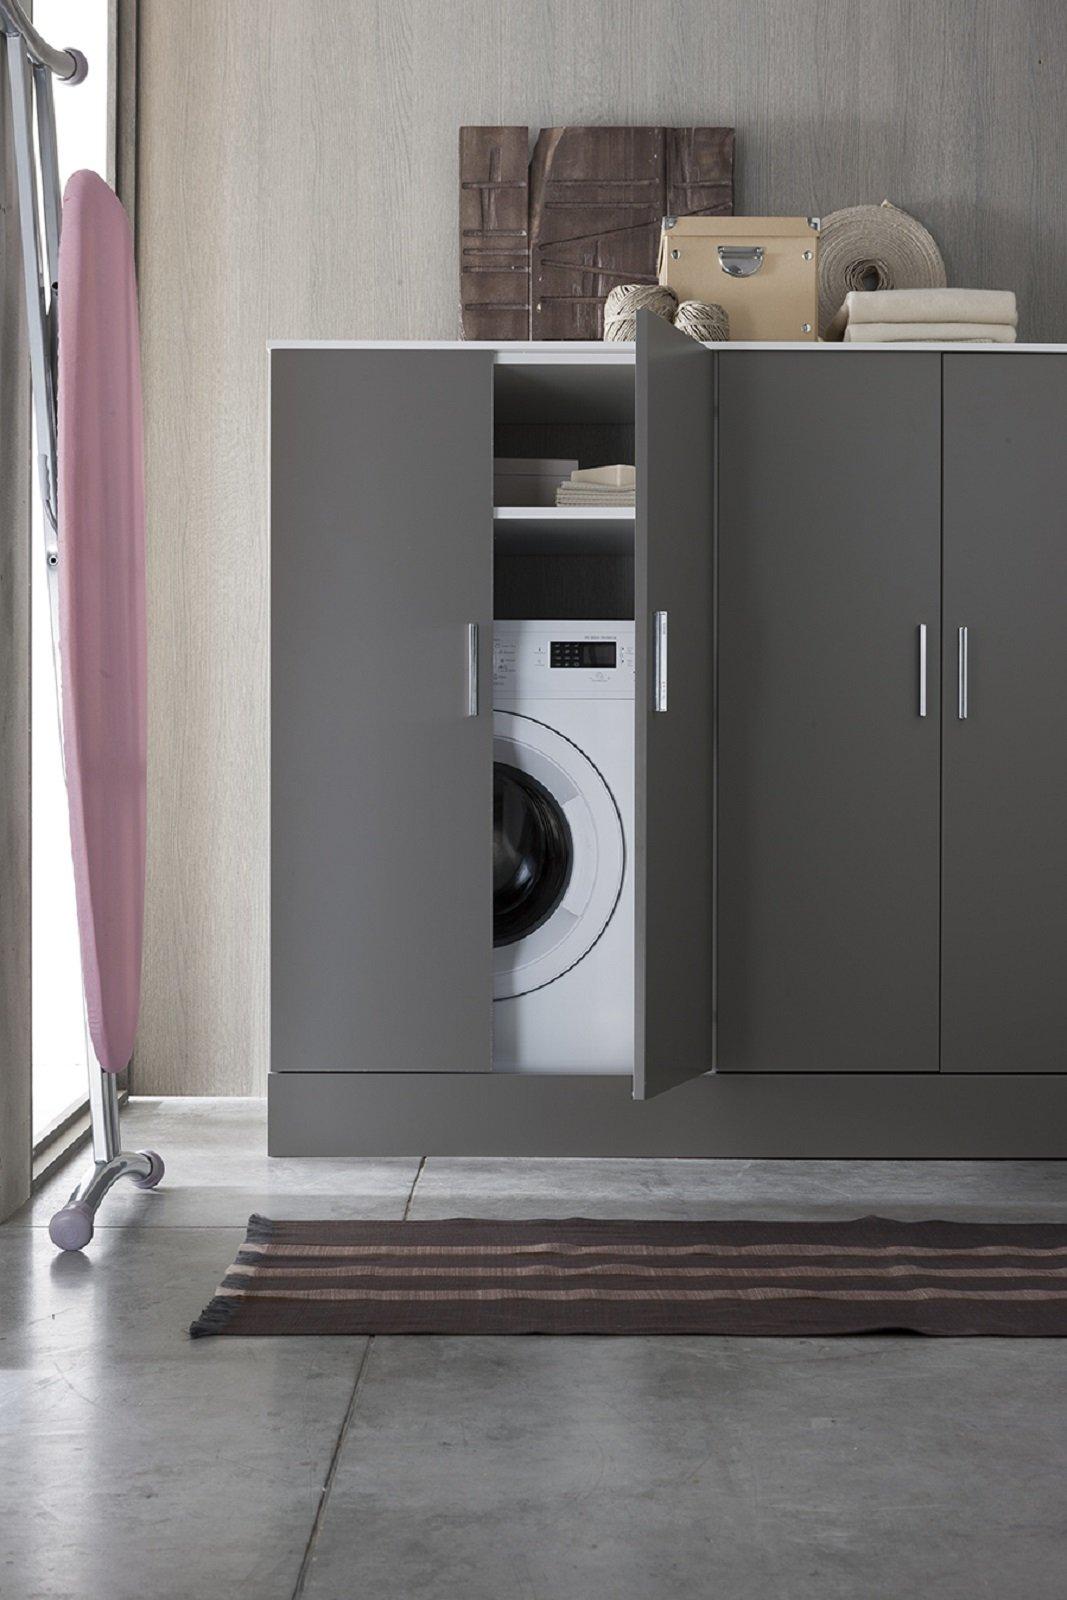 Lavanderia in bagno cose di casa - Mobile lavatrice asciugatrice ...